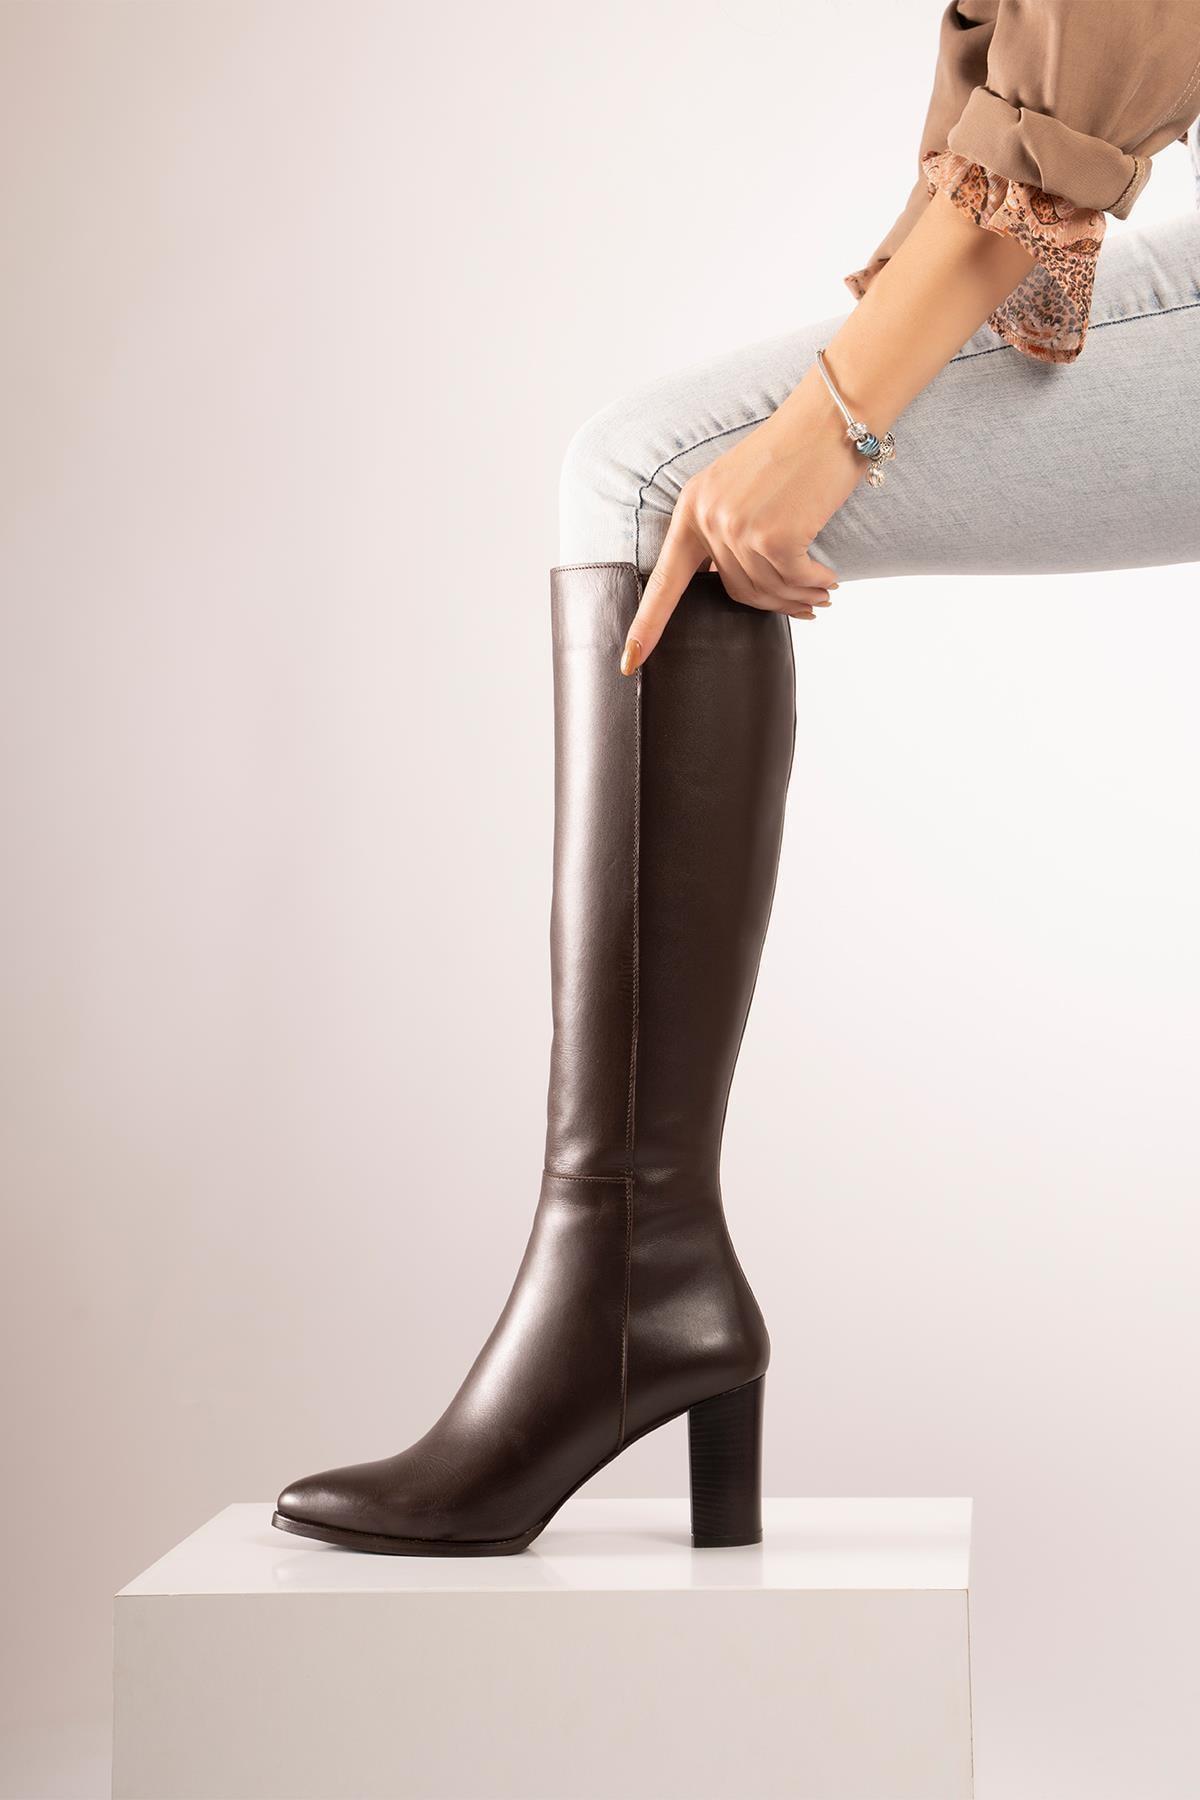 CZ London Kadın Kahverengi Hakiki Deri  Sivri Burun Fermuarlı Uzun Boy Topuklu Çizme 1